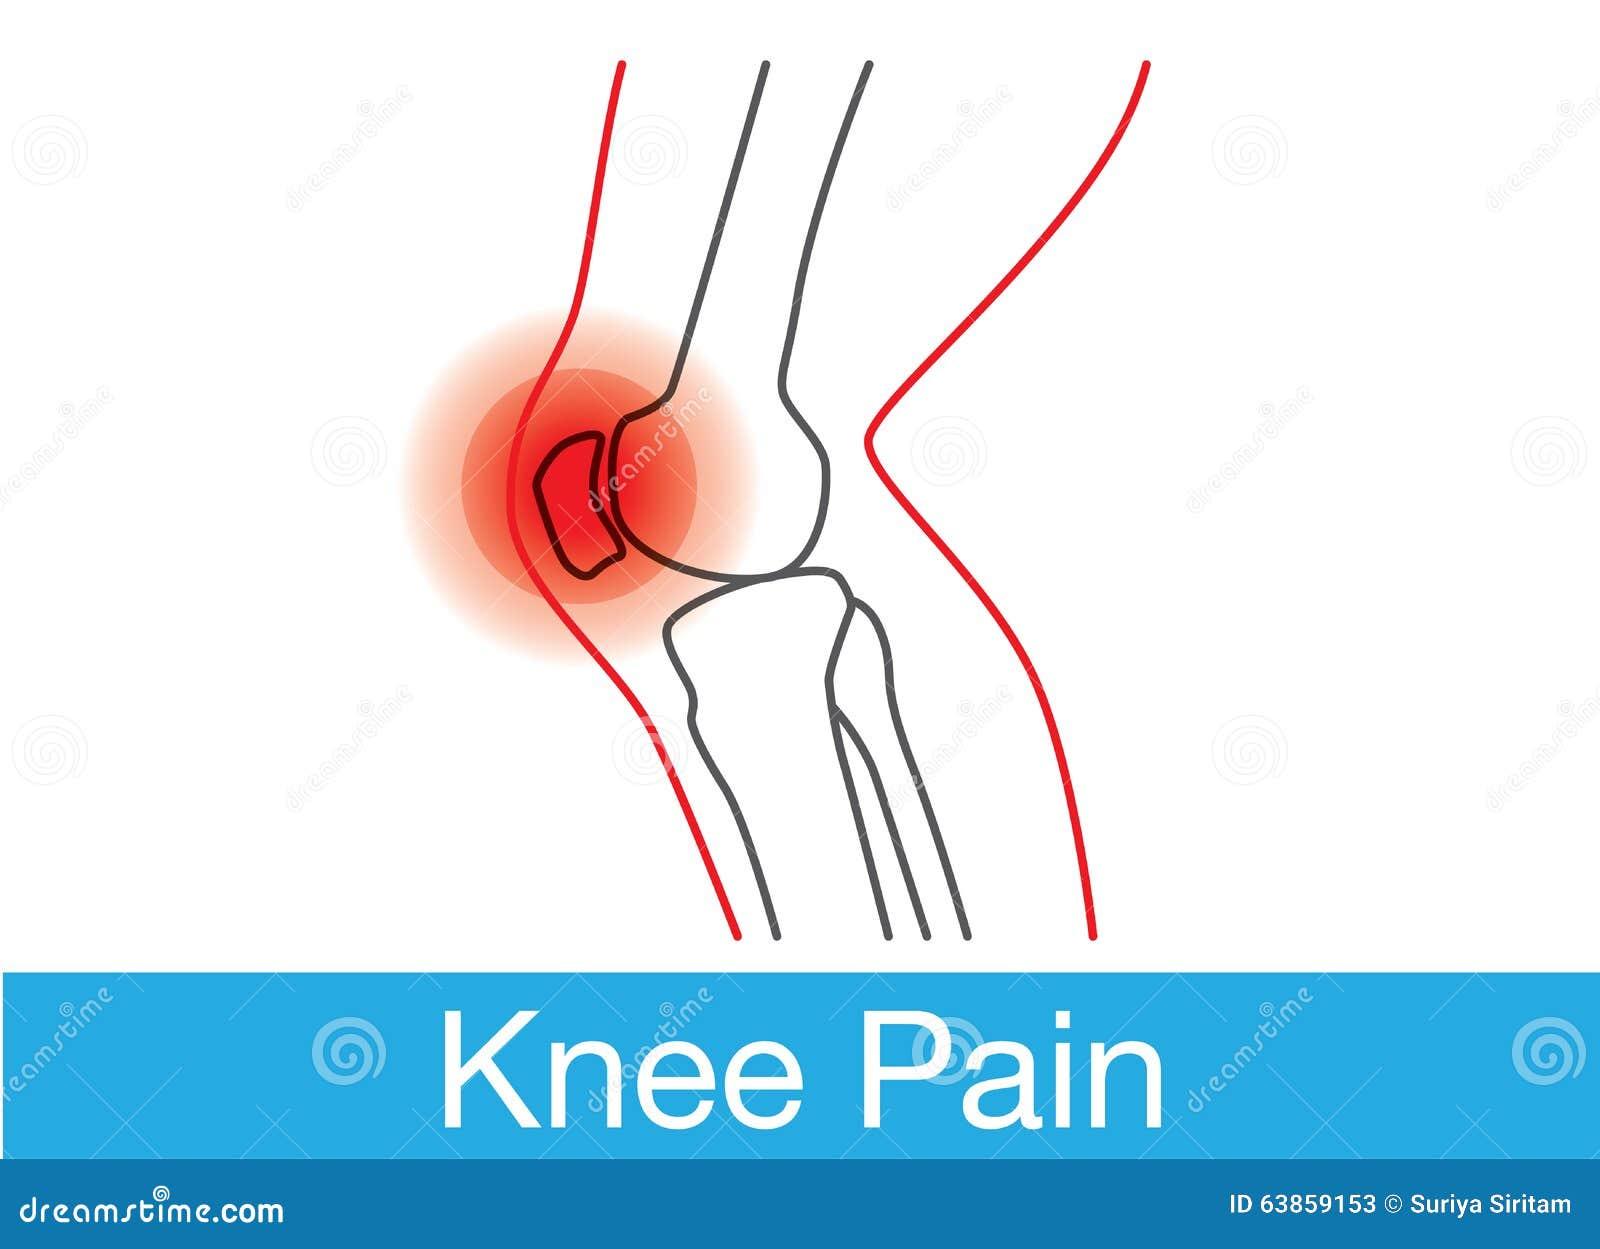 Kolano bólu kontur